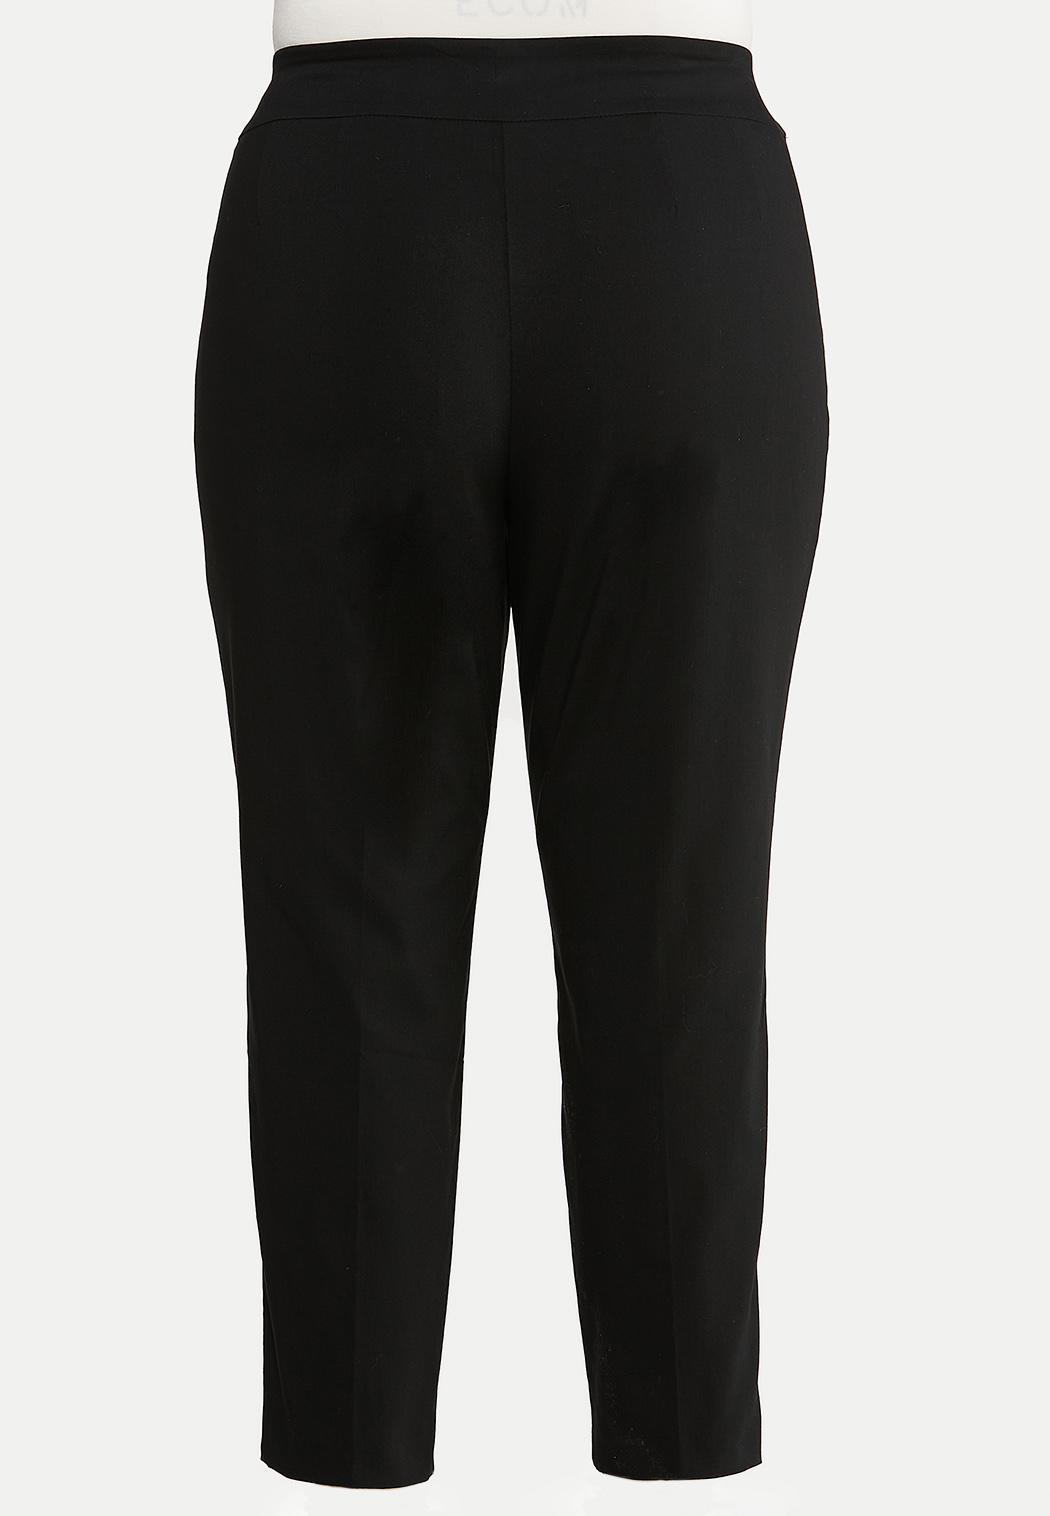 Plus Size Bling Ring Black Pants (Item #44025595)